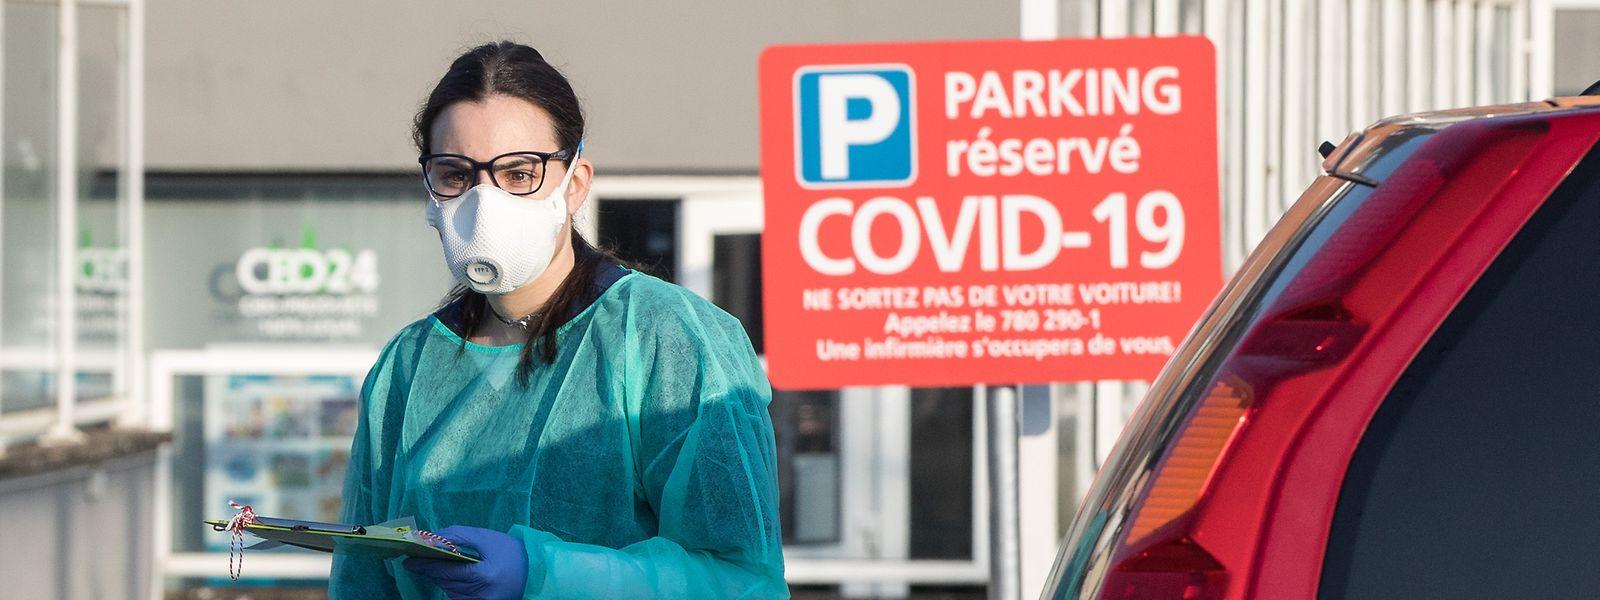 Am Montag oder Dienstag treffen fünf Millionen medizinische Schutzmasken, Handschuhe, Schutzkleidung sowie 50 Beatmungsgeräte aus China ein.